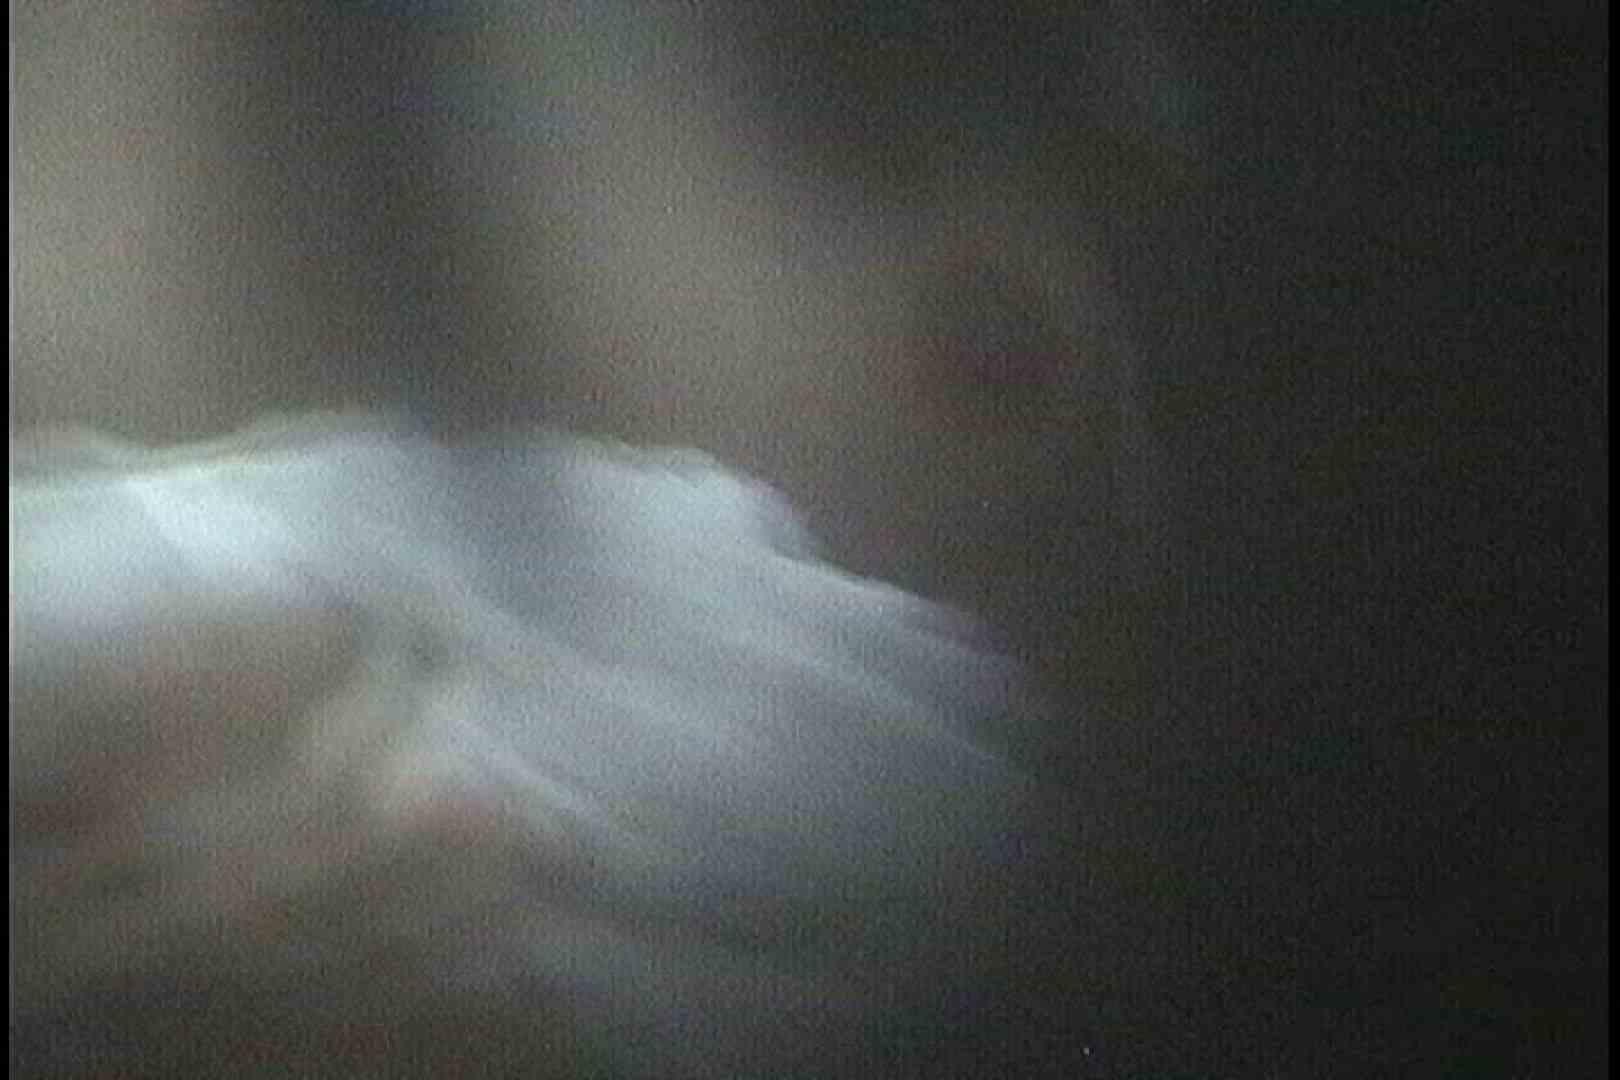 無修正エロ動画|No.72 まんこから飛び出す具を前後から!!|怪盗ジョーカー